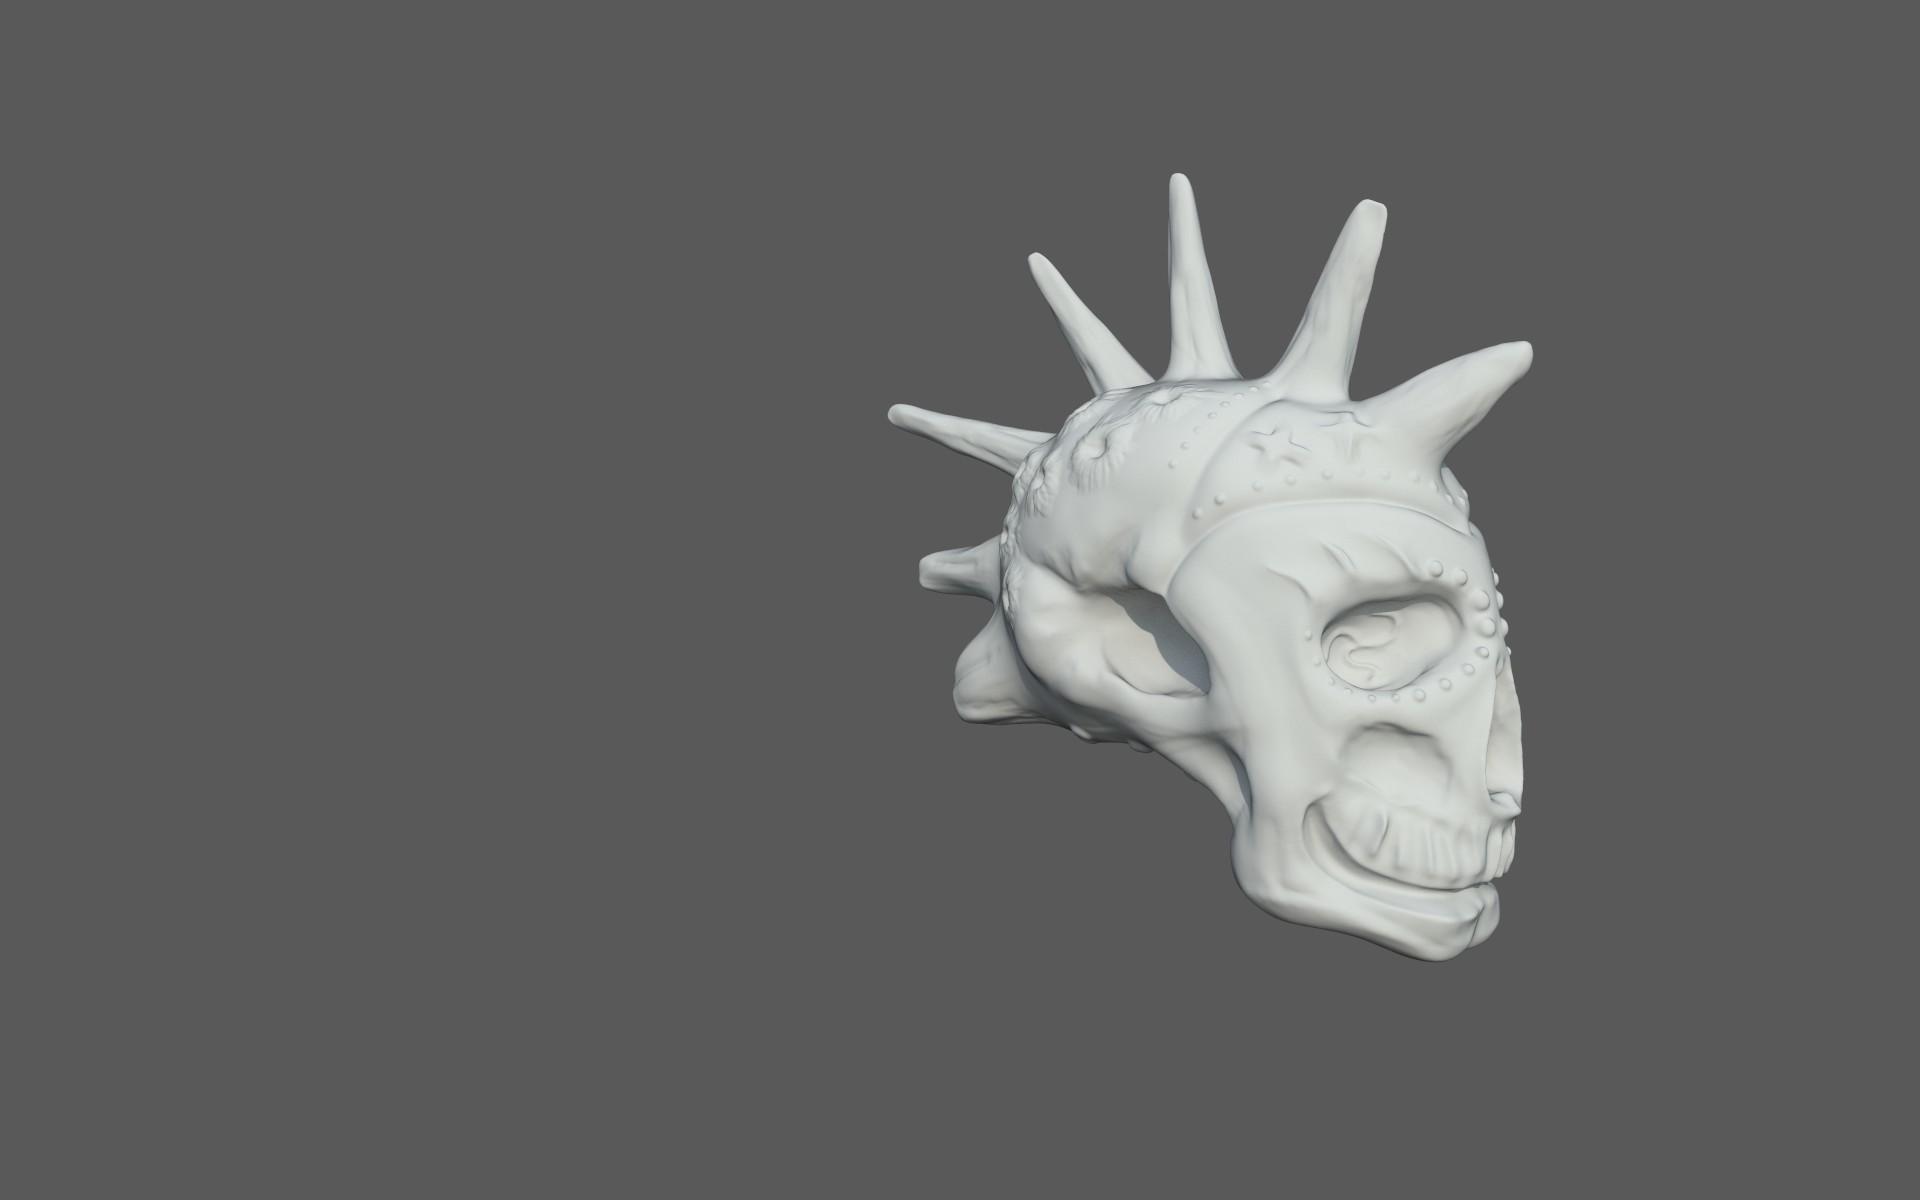 Matej chalachan skull sculpt2